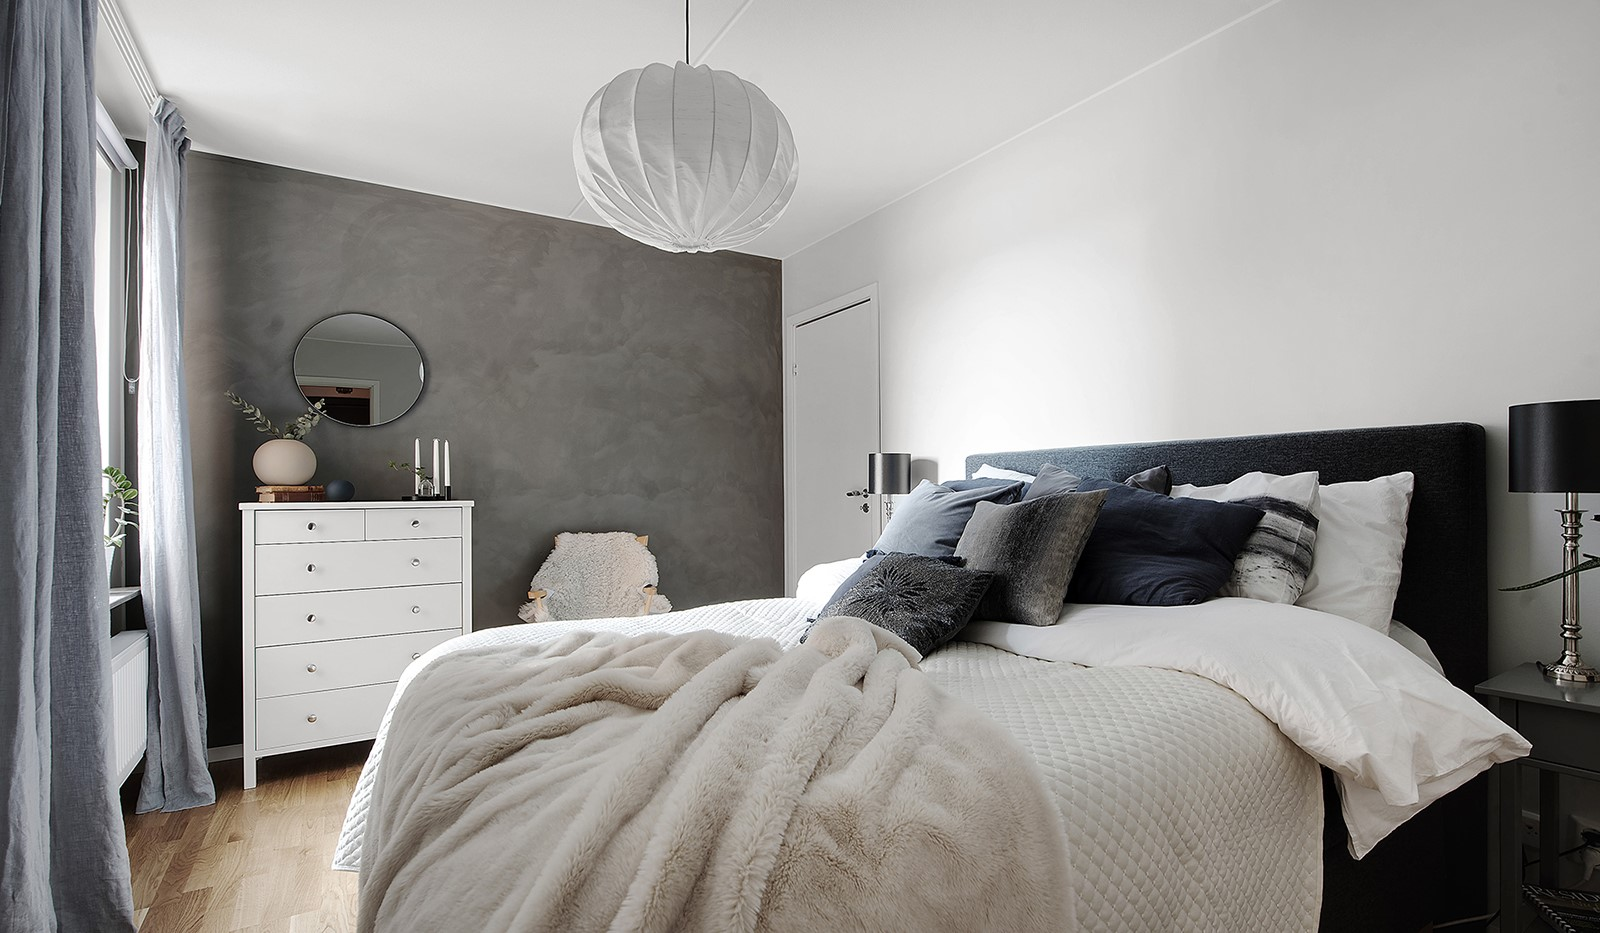 Årgångsgatan 7, 2tr - Stort sovrum med klädkammare och vacker sjöutsikt